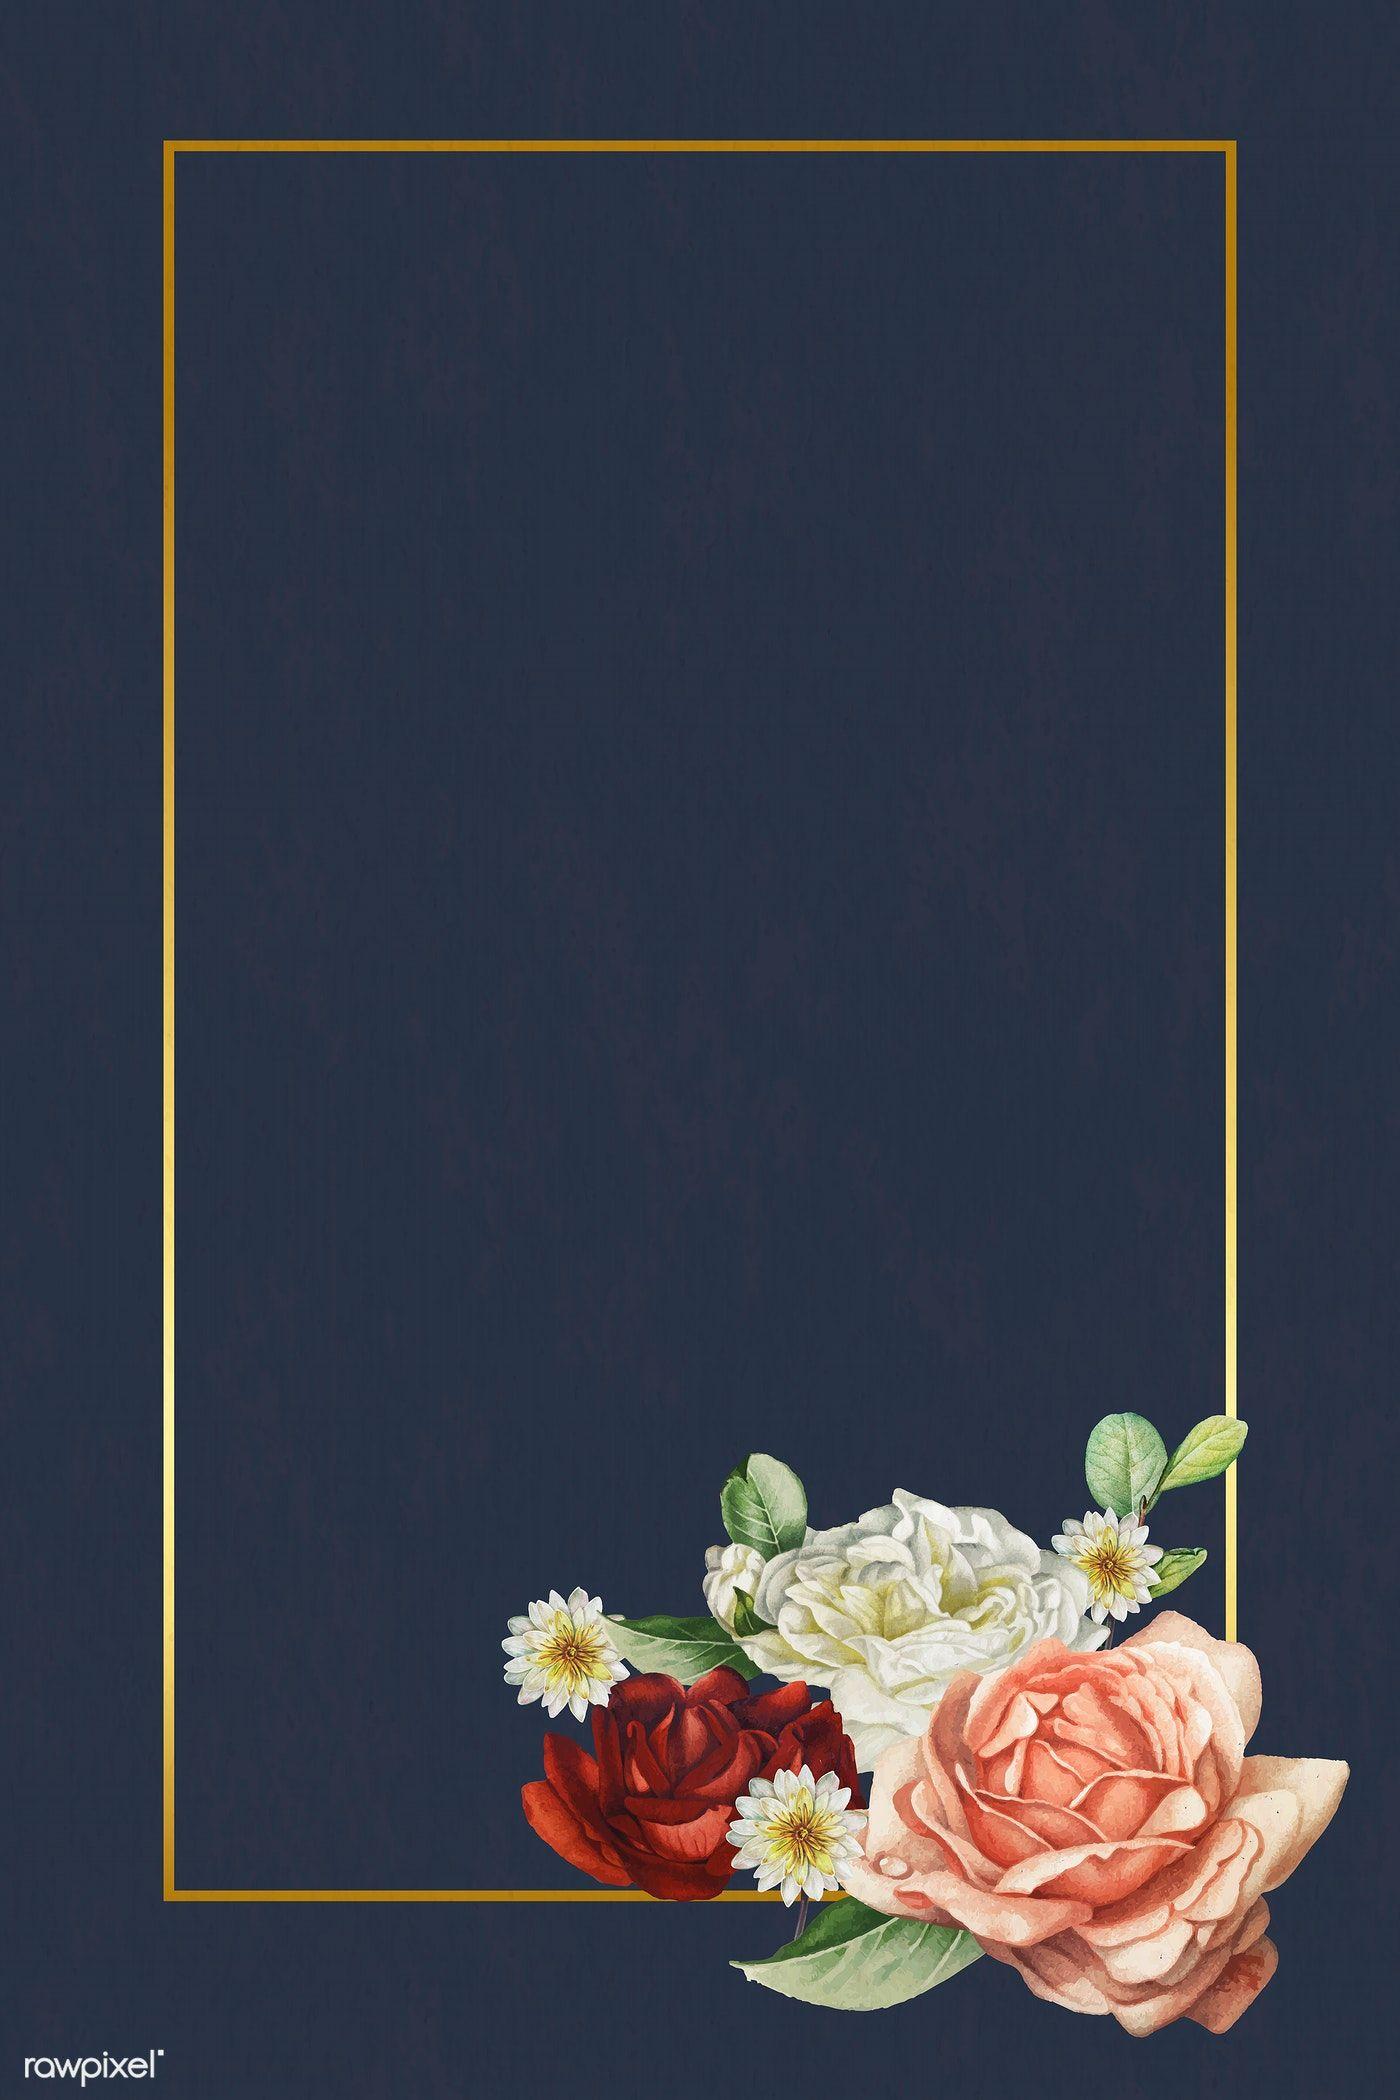 Download premium vector of Floral gold frame on blue